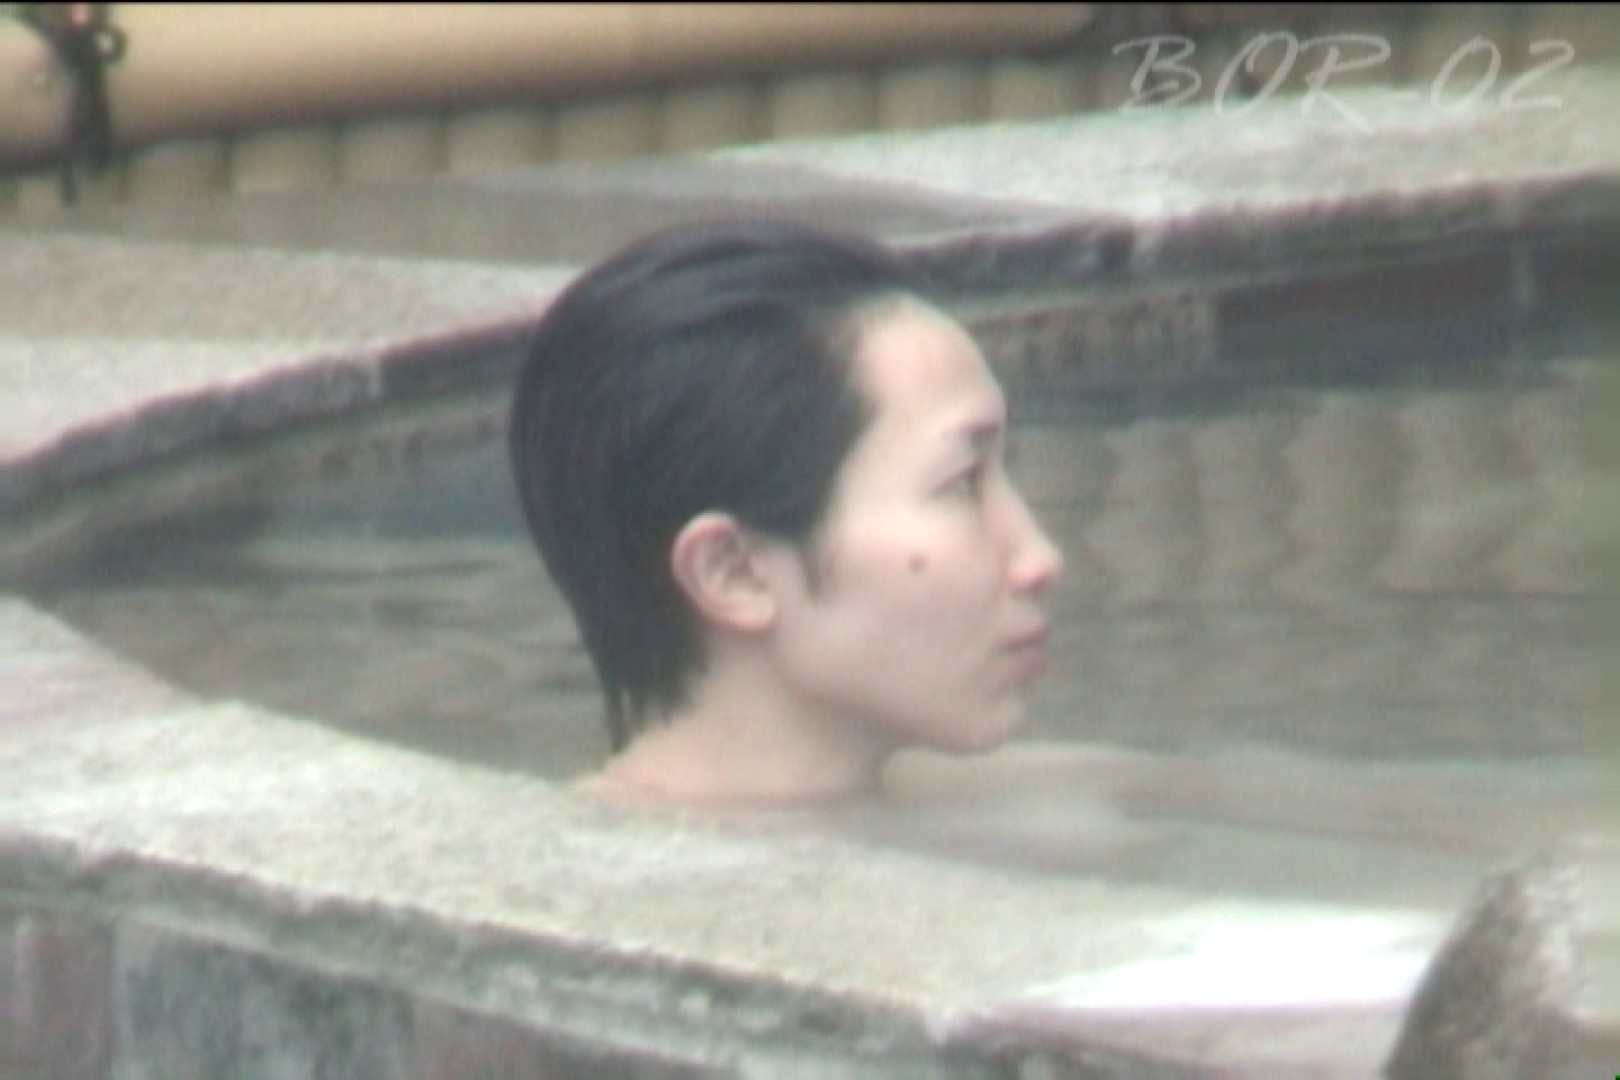 Aquaな露天風呂Vol.472 美しいOLの裸体 ヌード画像 83pic 11